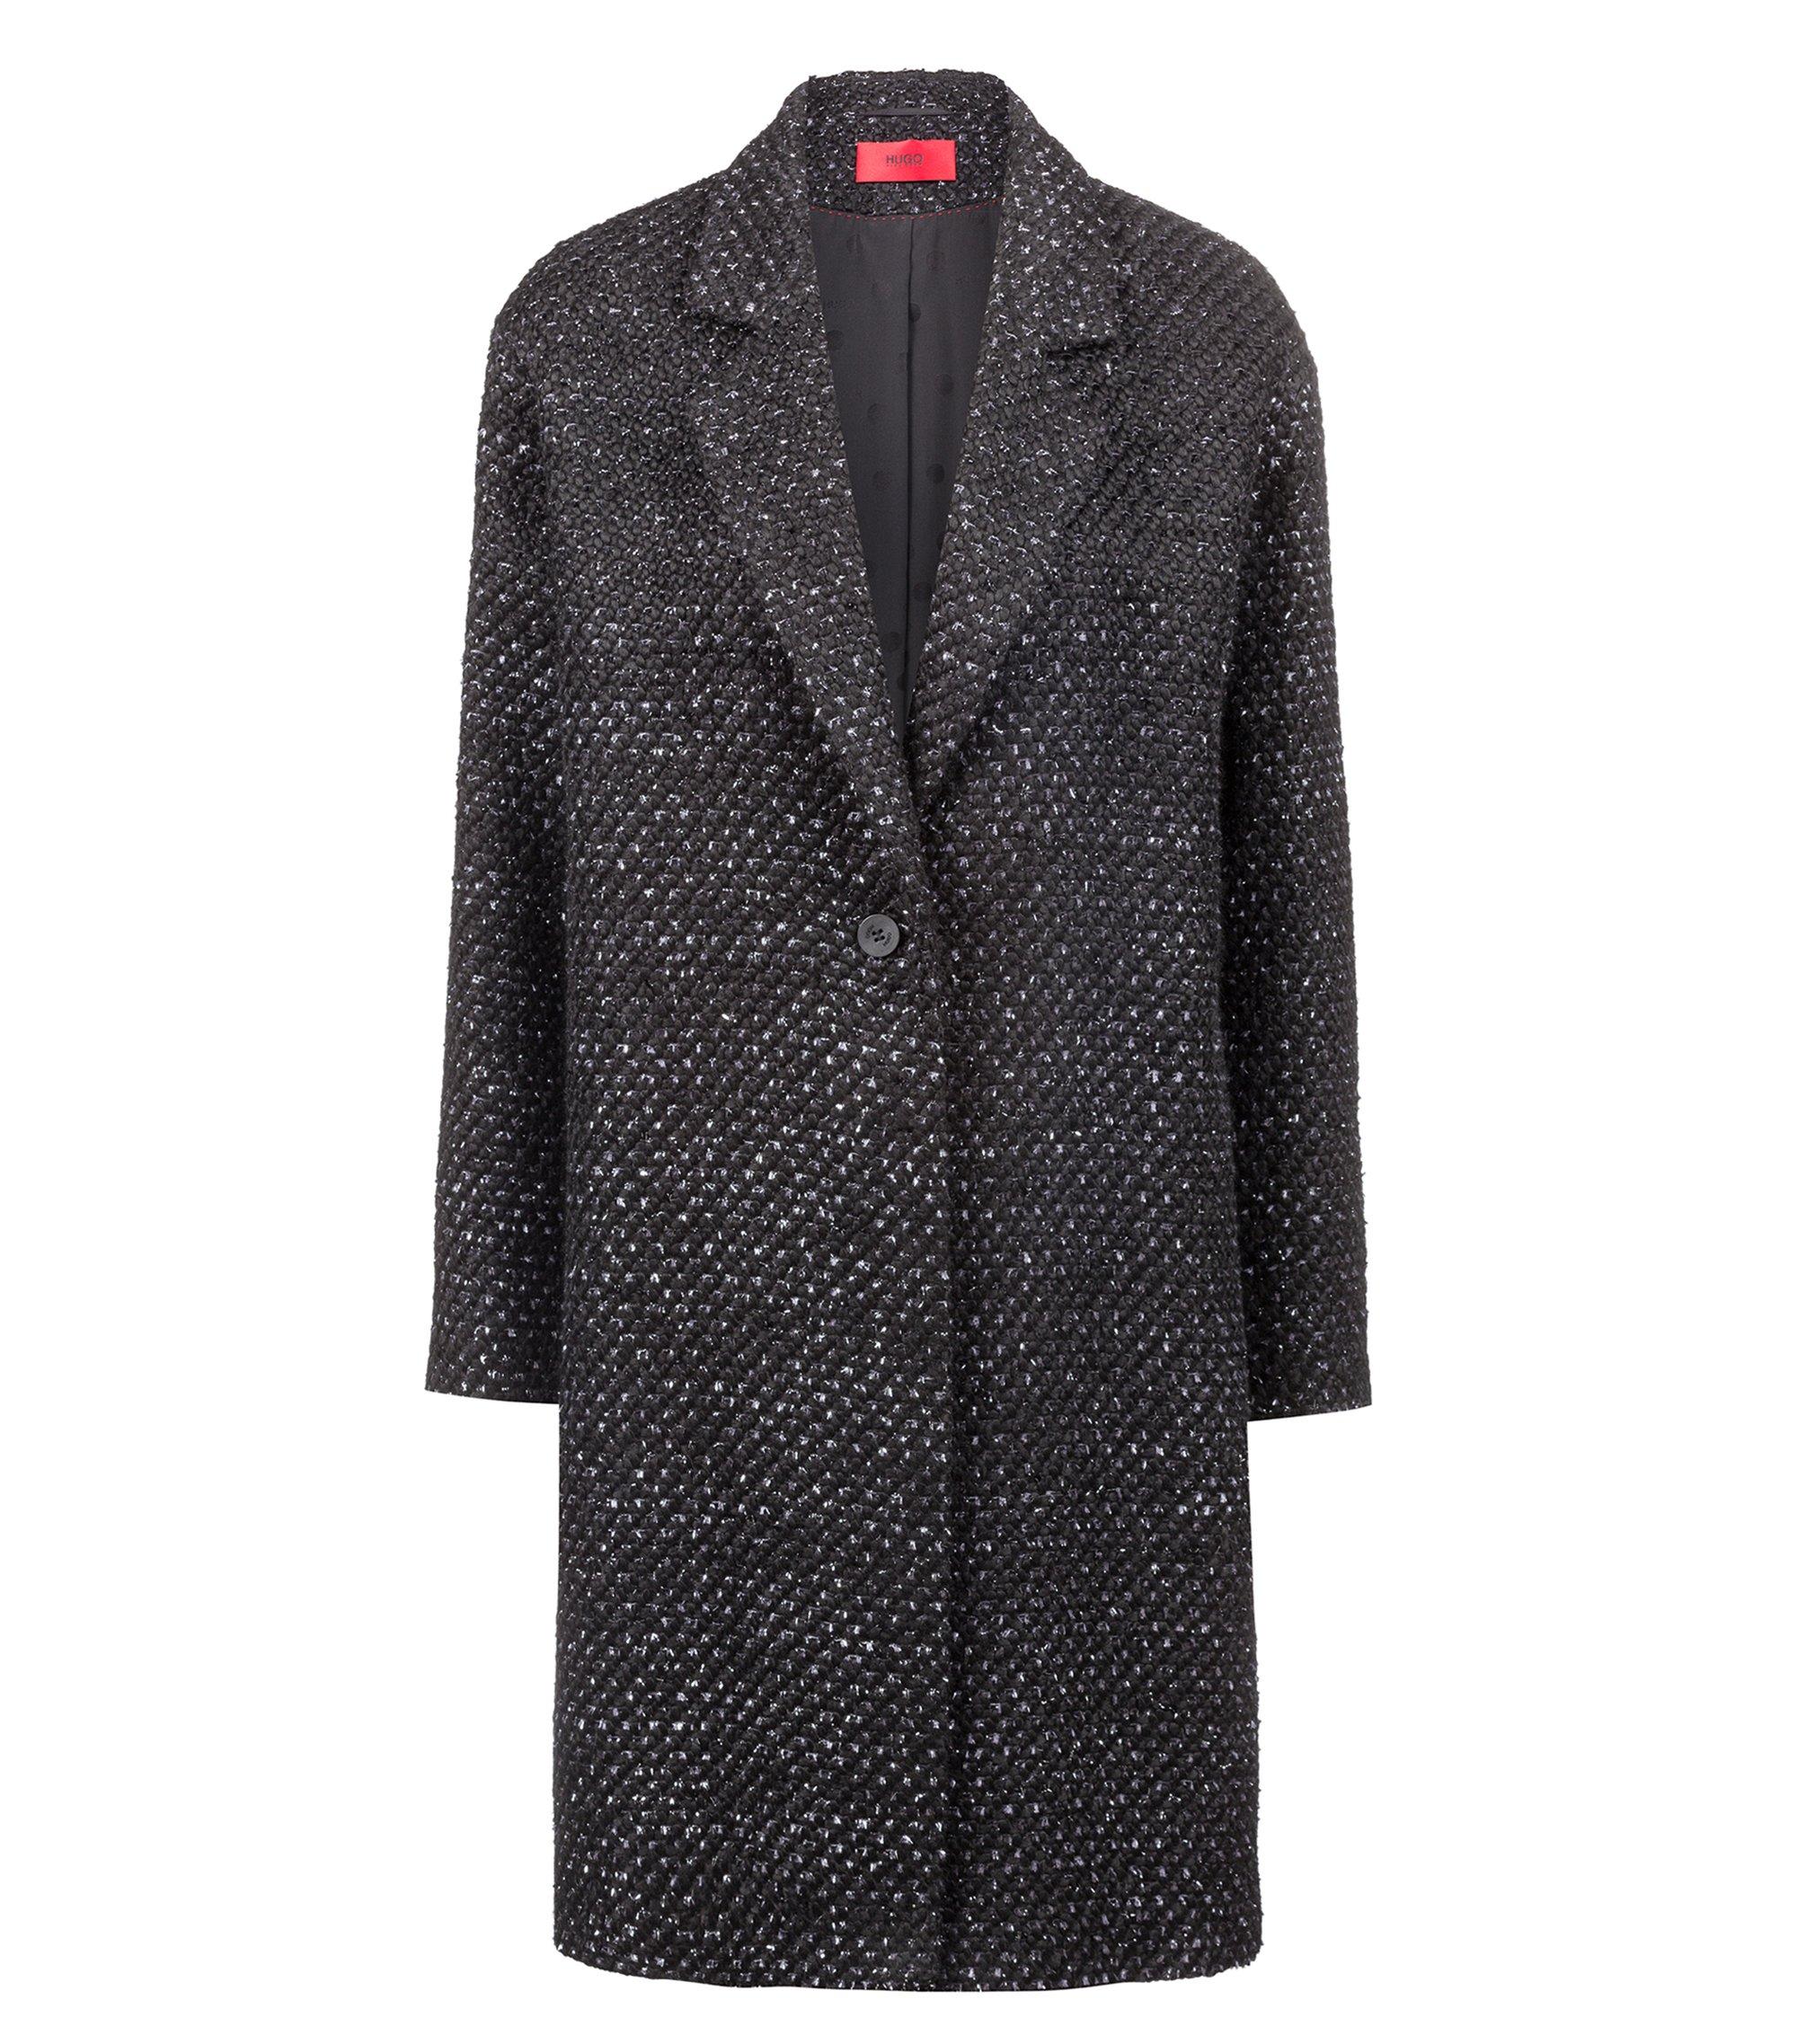 Manteau Relaxed Fit intégralement doublé, à la structure bulle, Fantaisie